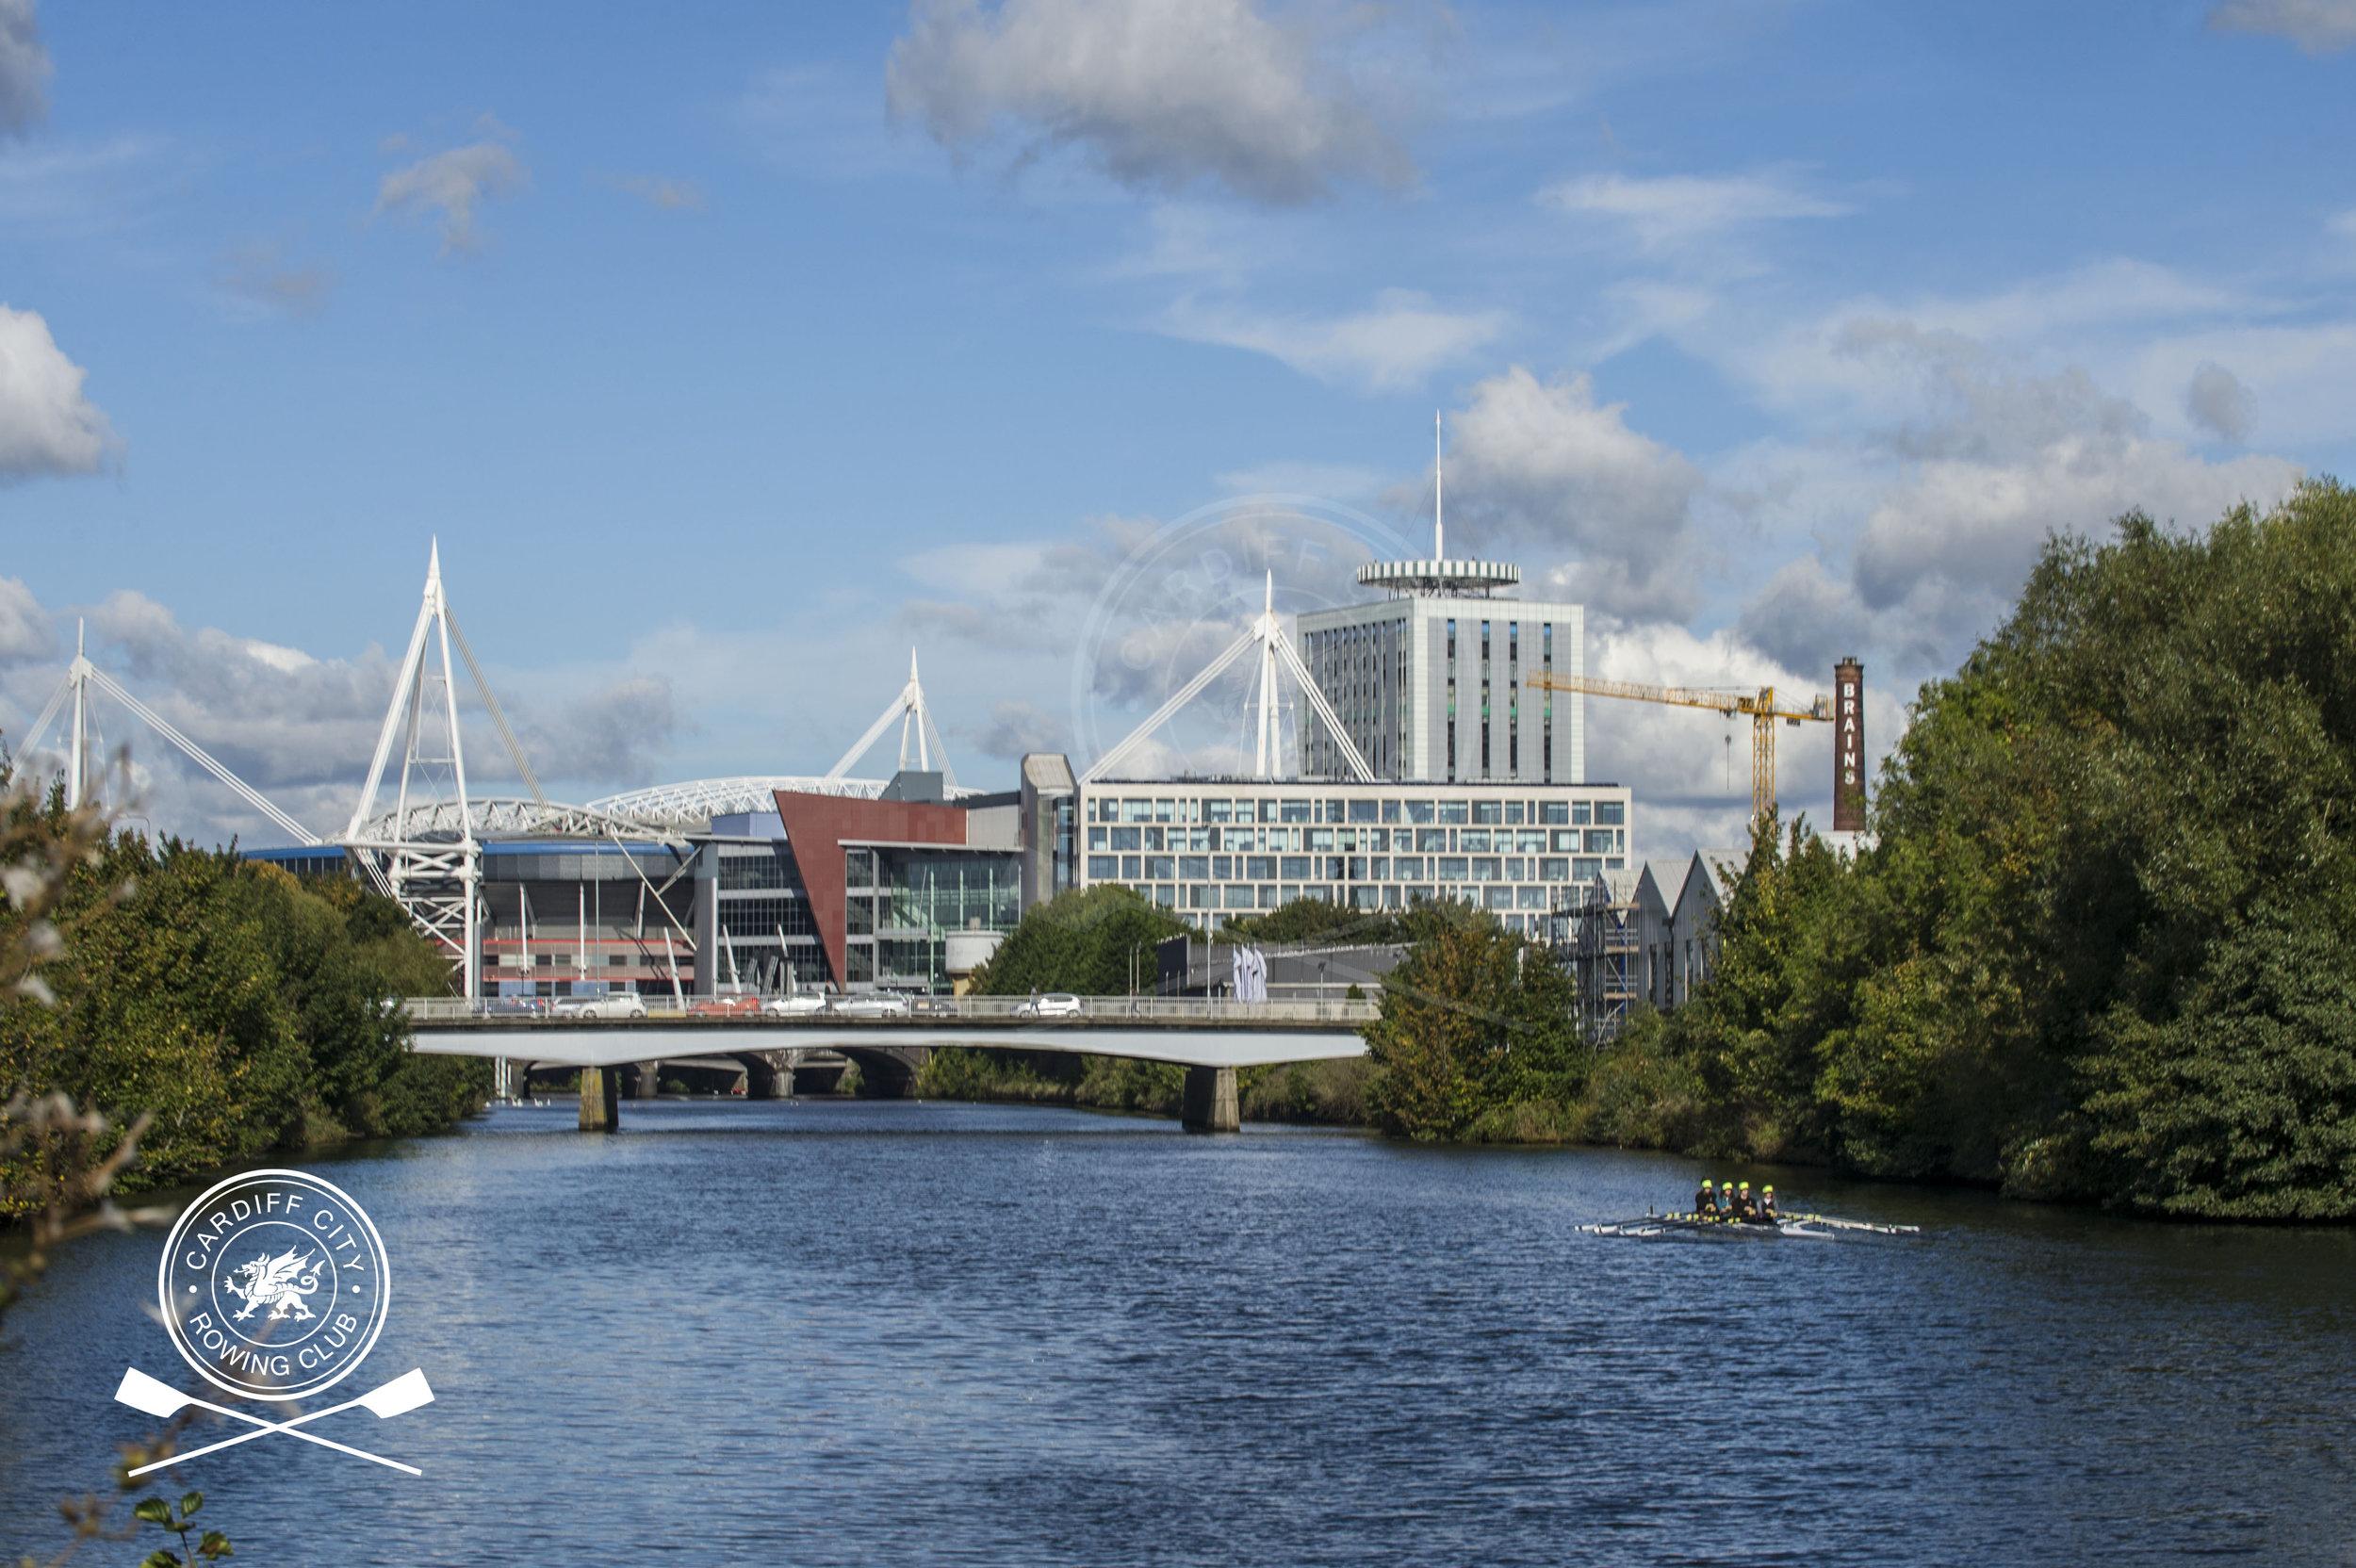 Cardiff_City_Head_Race_151.jpg